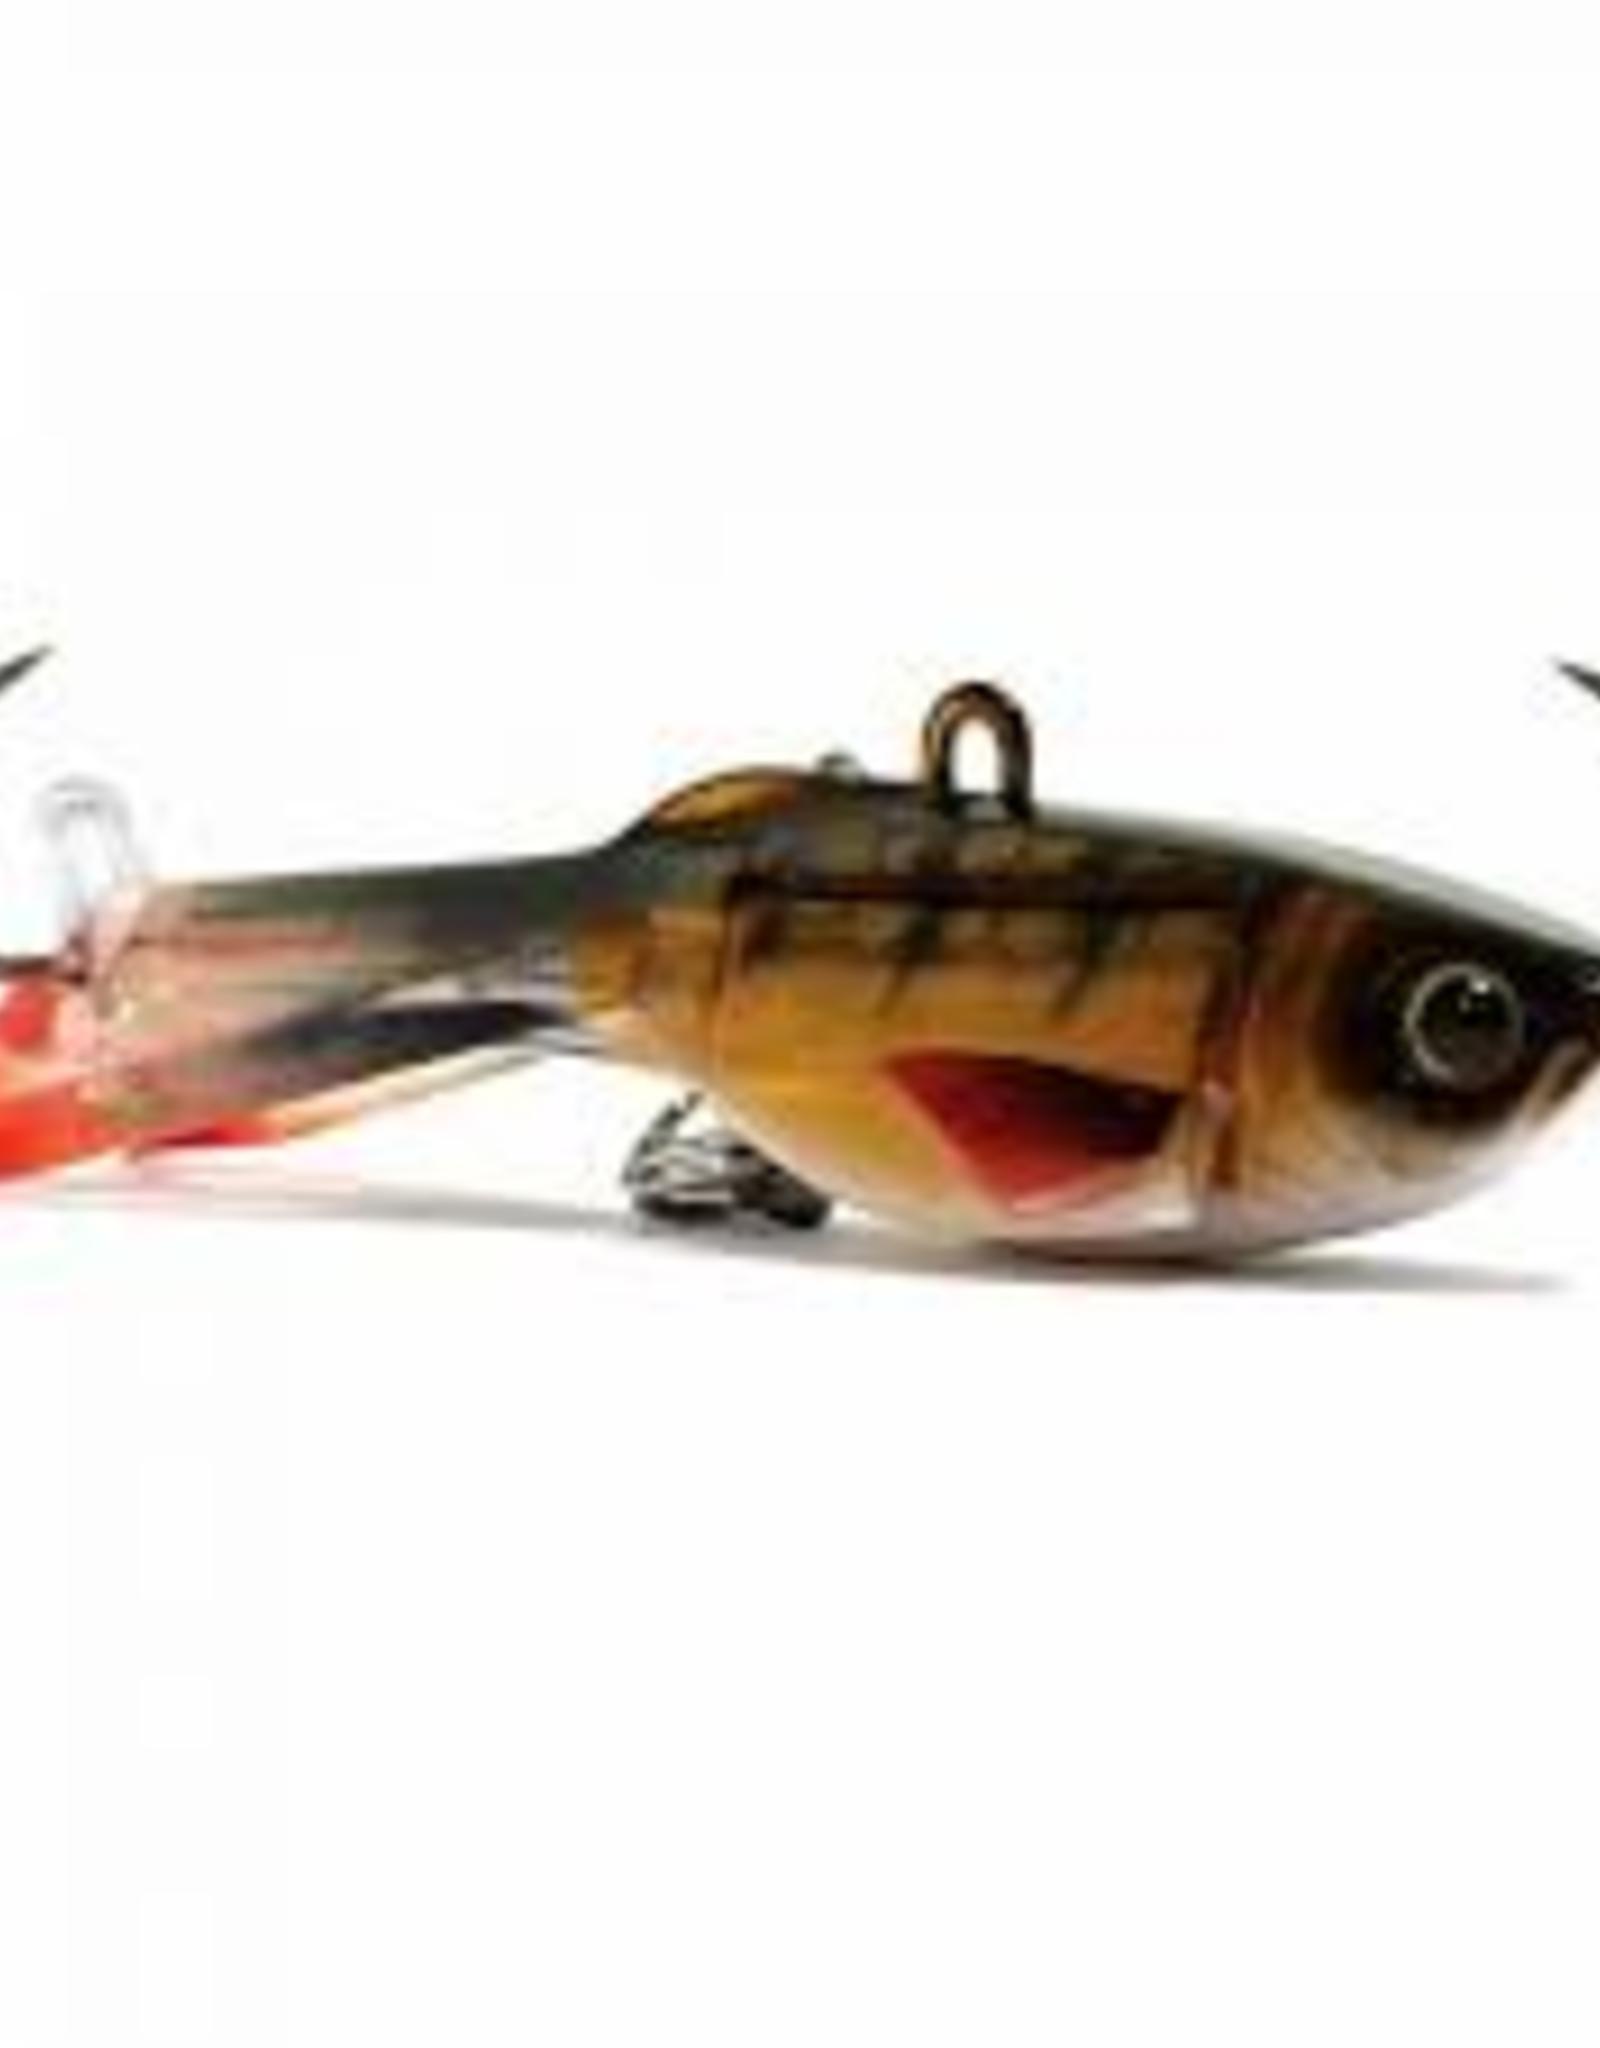 Acme Hyper Glide 50mm Lake Chub